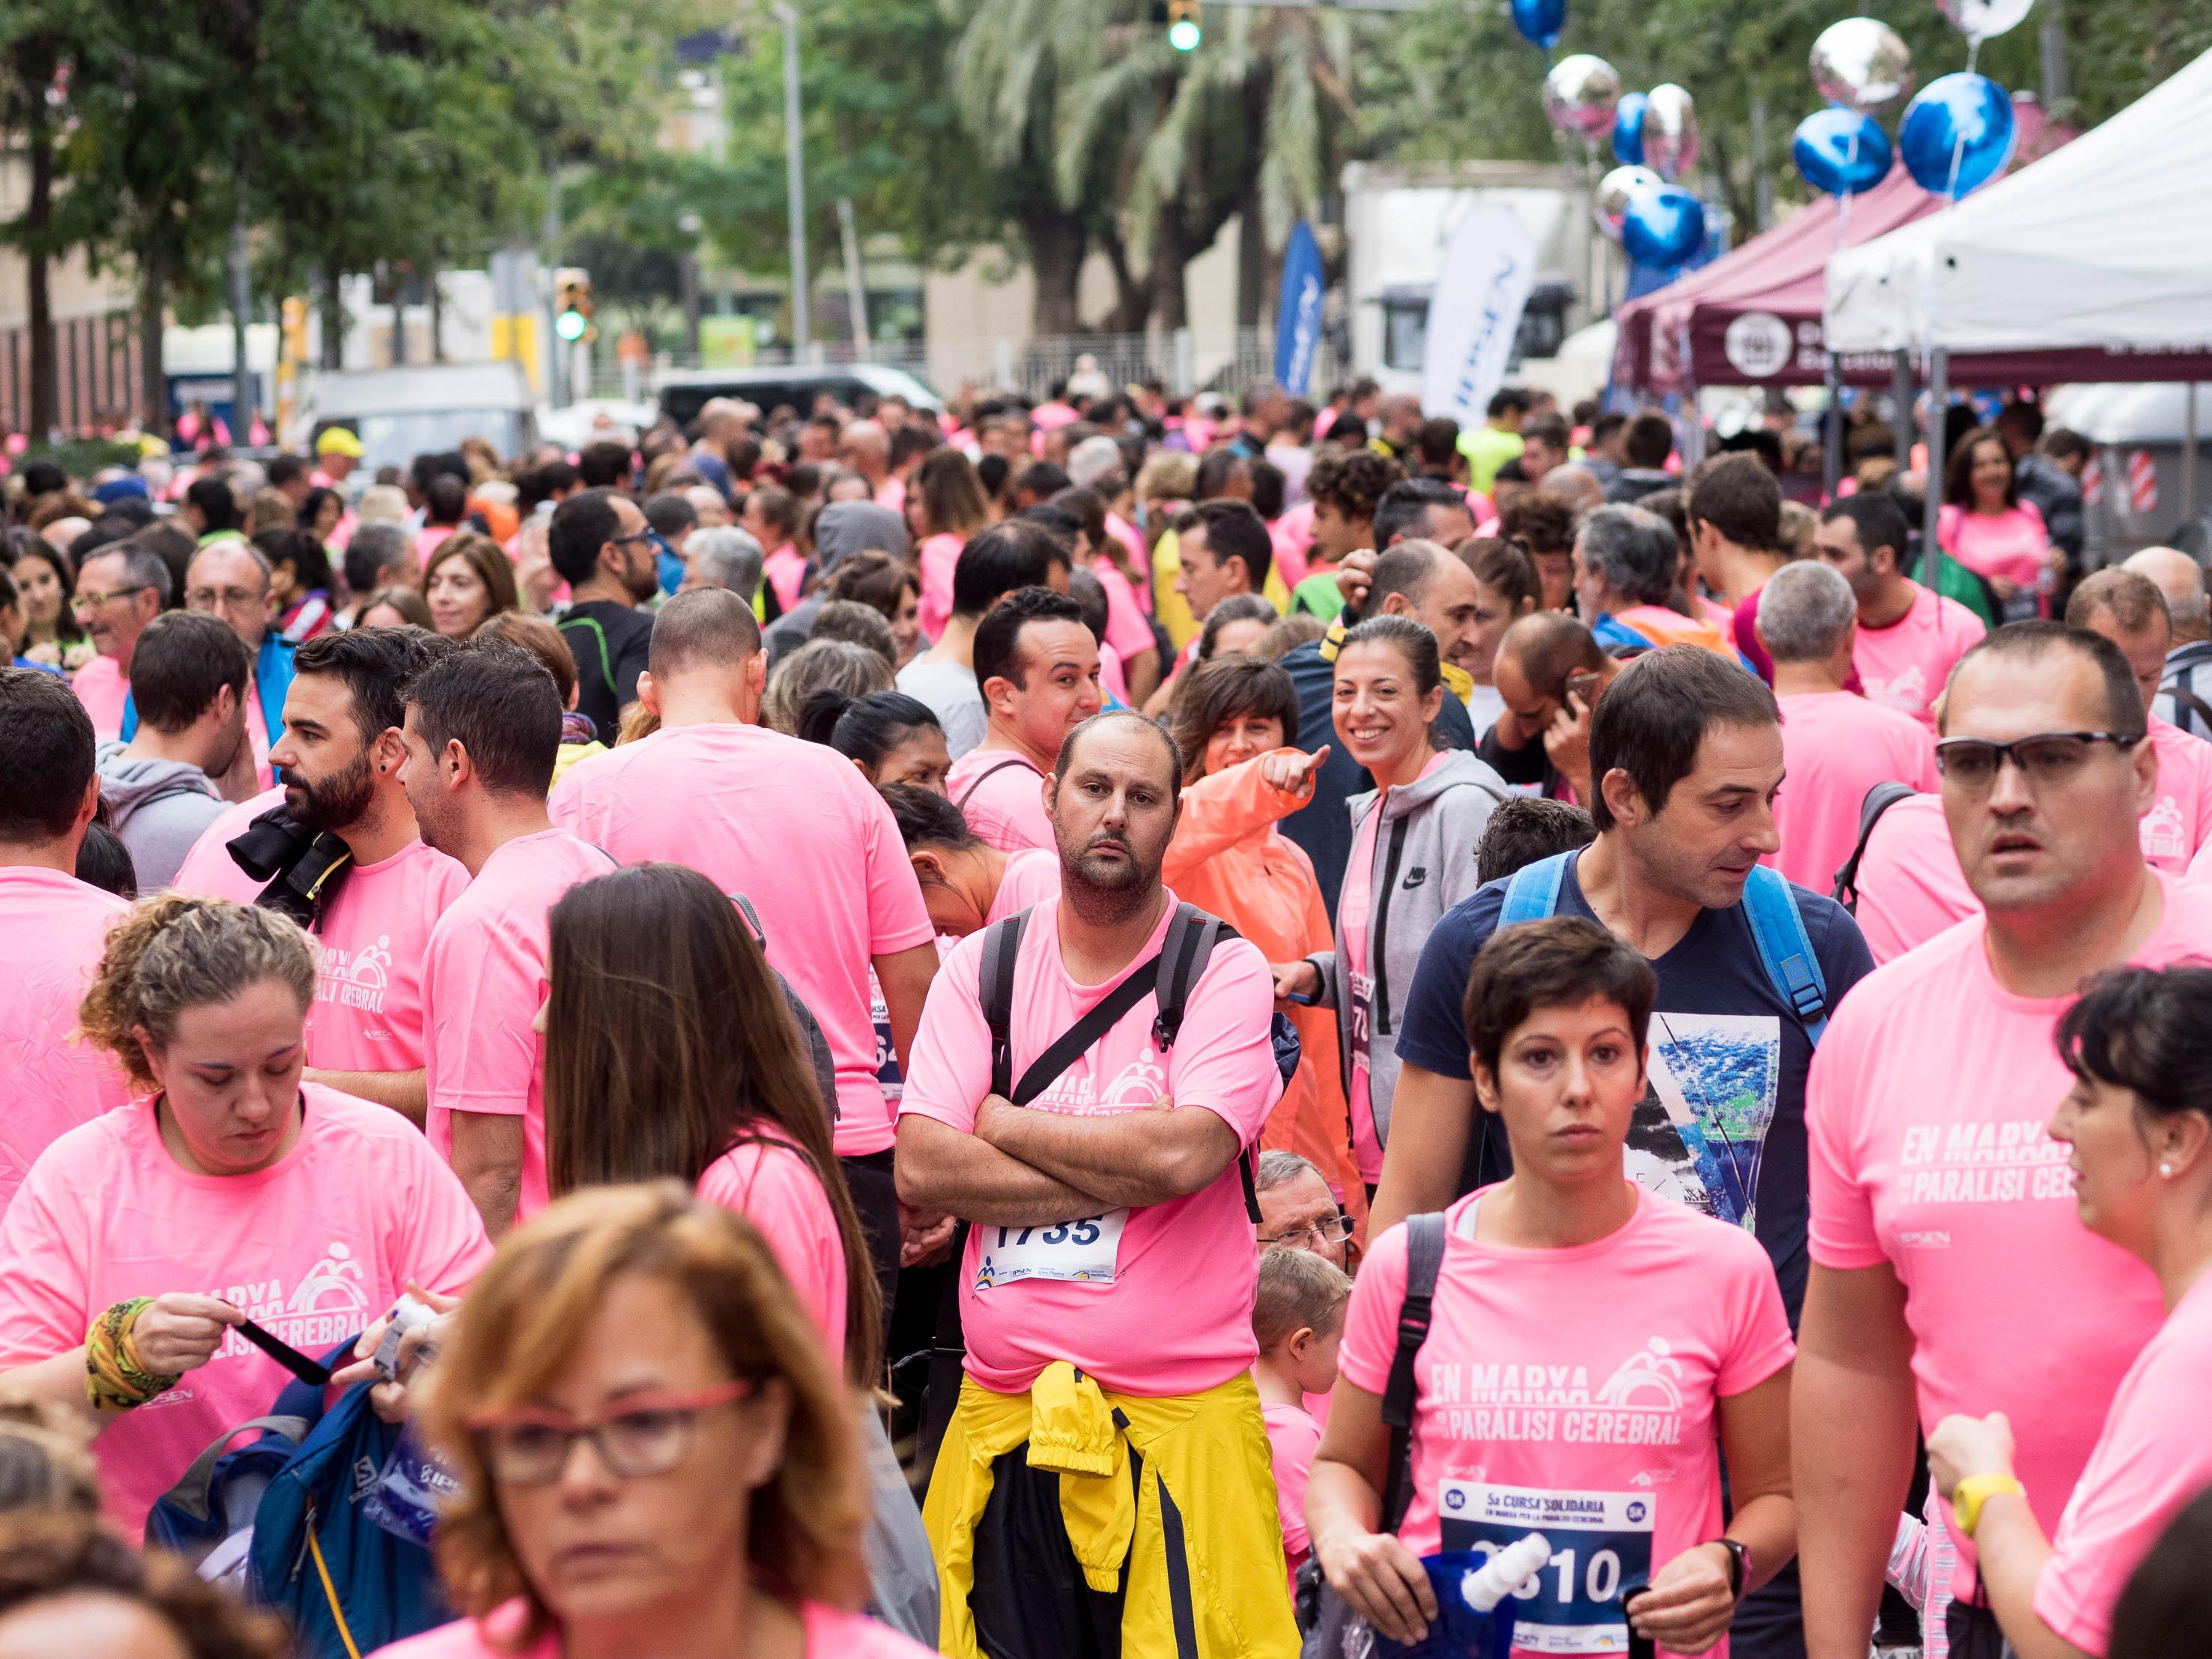 Més de dues mil persones es mouen per la paràlisi cerebral a Barcelona